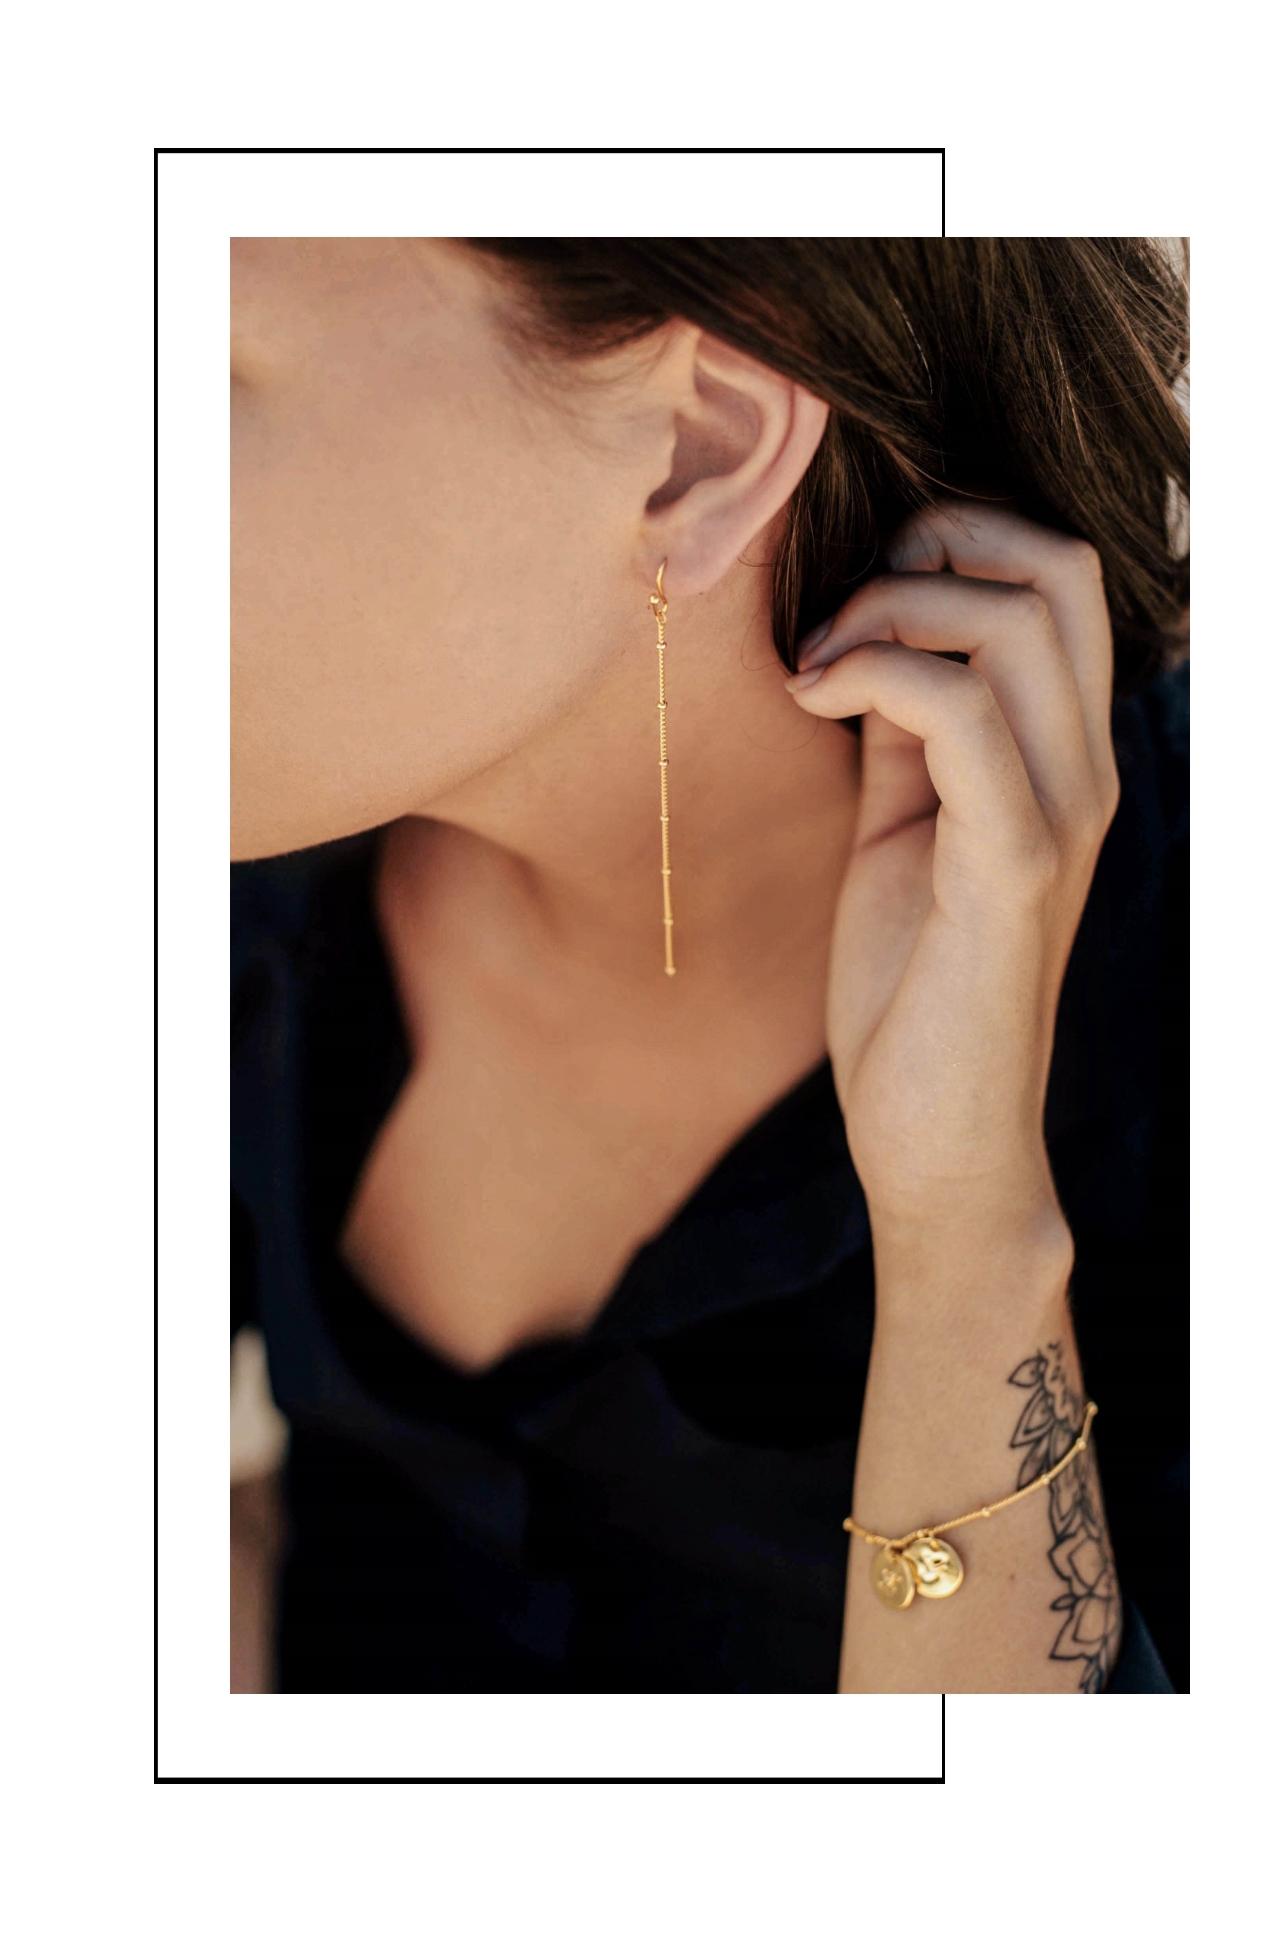 schlichte Ohrringe minimalistisches Design Madeleine Issing